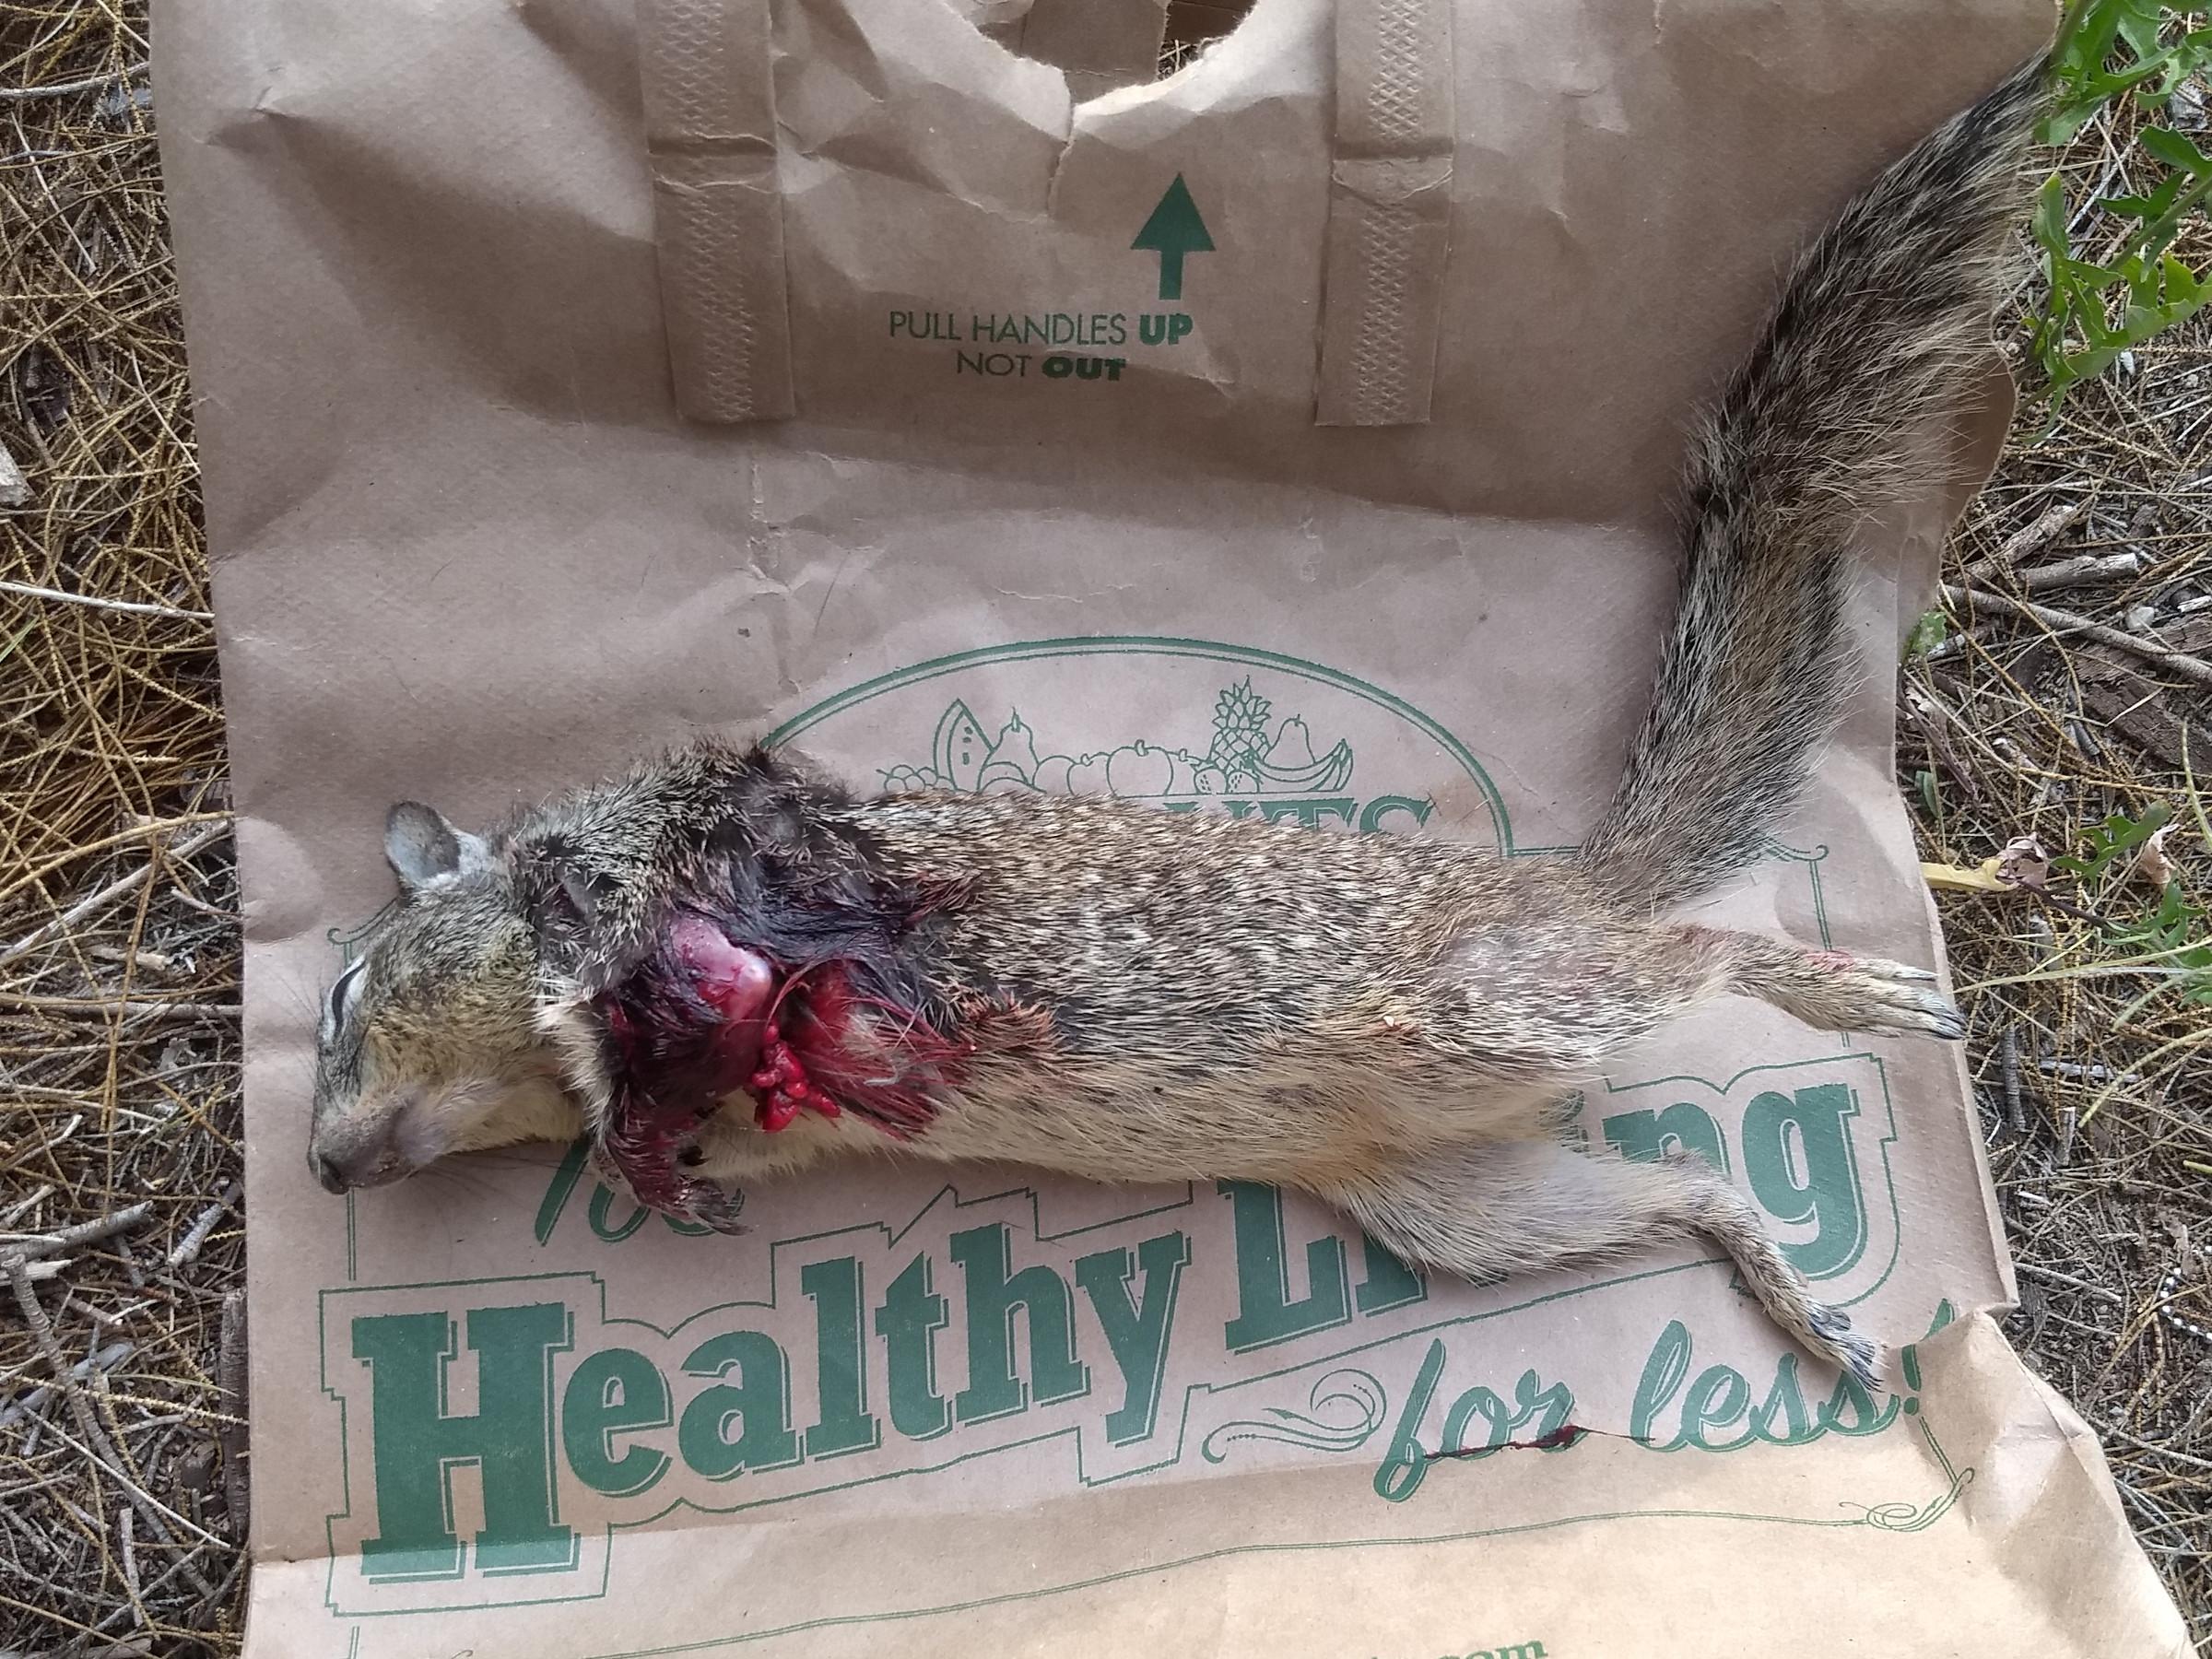 The poor dead squirrel